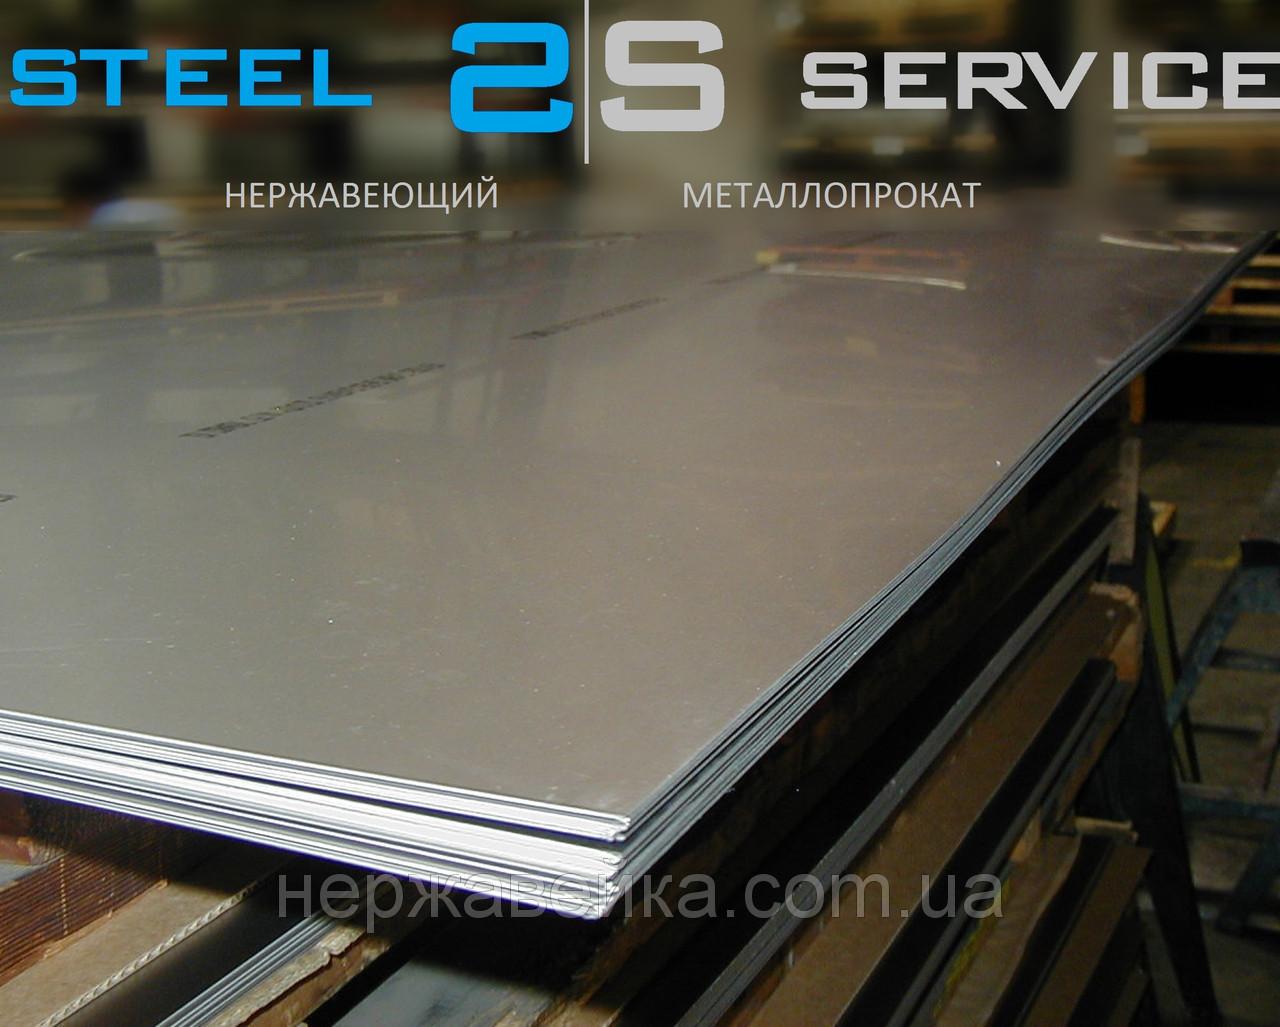 Нержавеющий лист 3х1500х6000мм  AISI 304(08Х18Н10) 2B - матовый,  пищевой